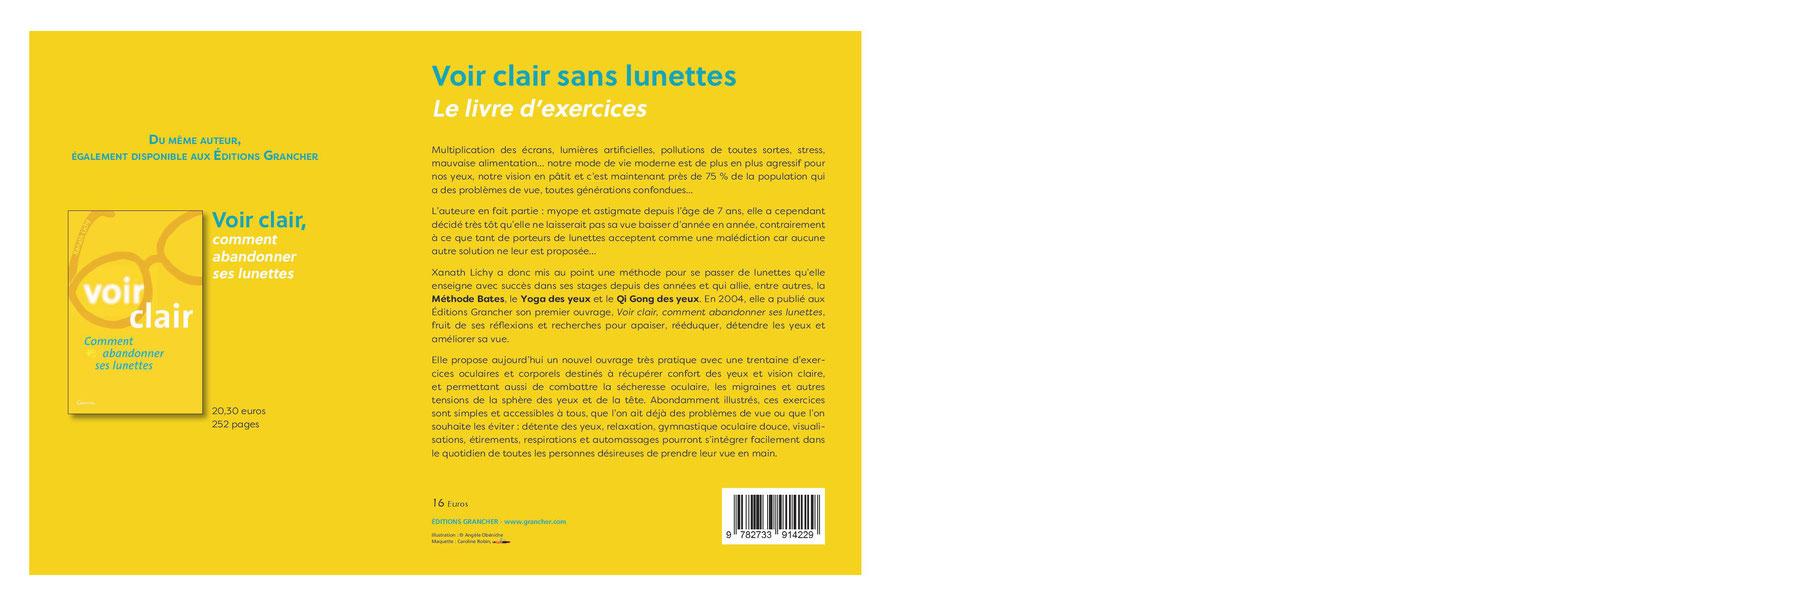 b1d0a2d09c5993 Livres - Voir Clair de Xanath Lichy